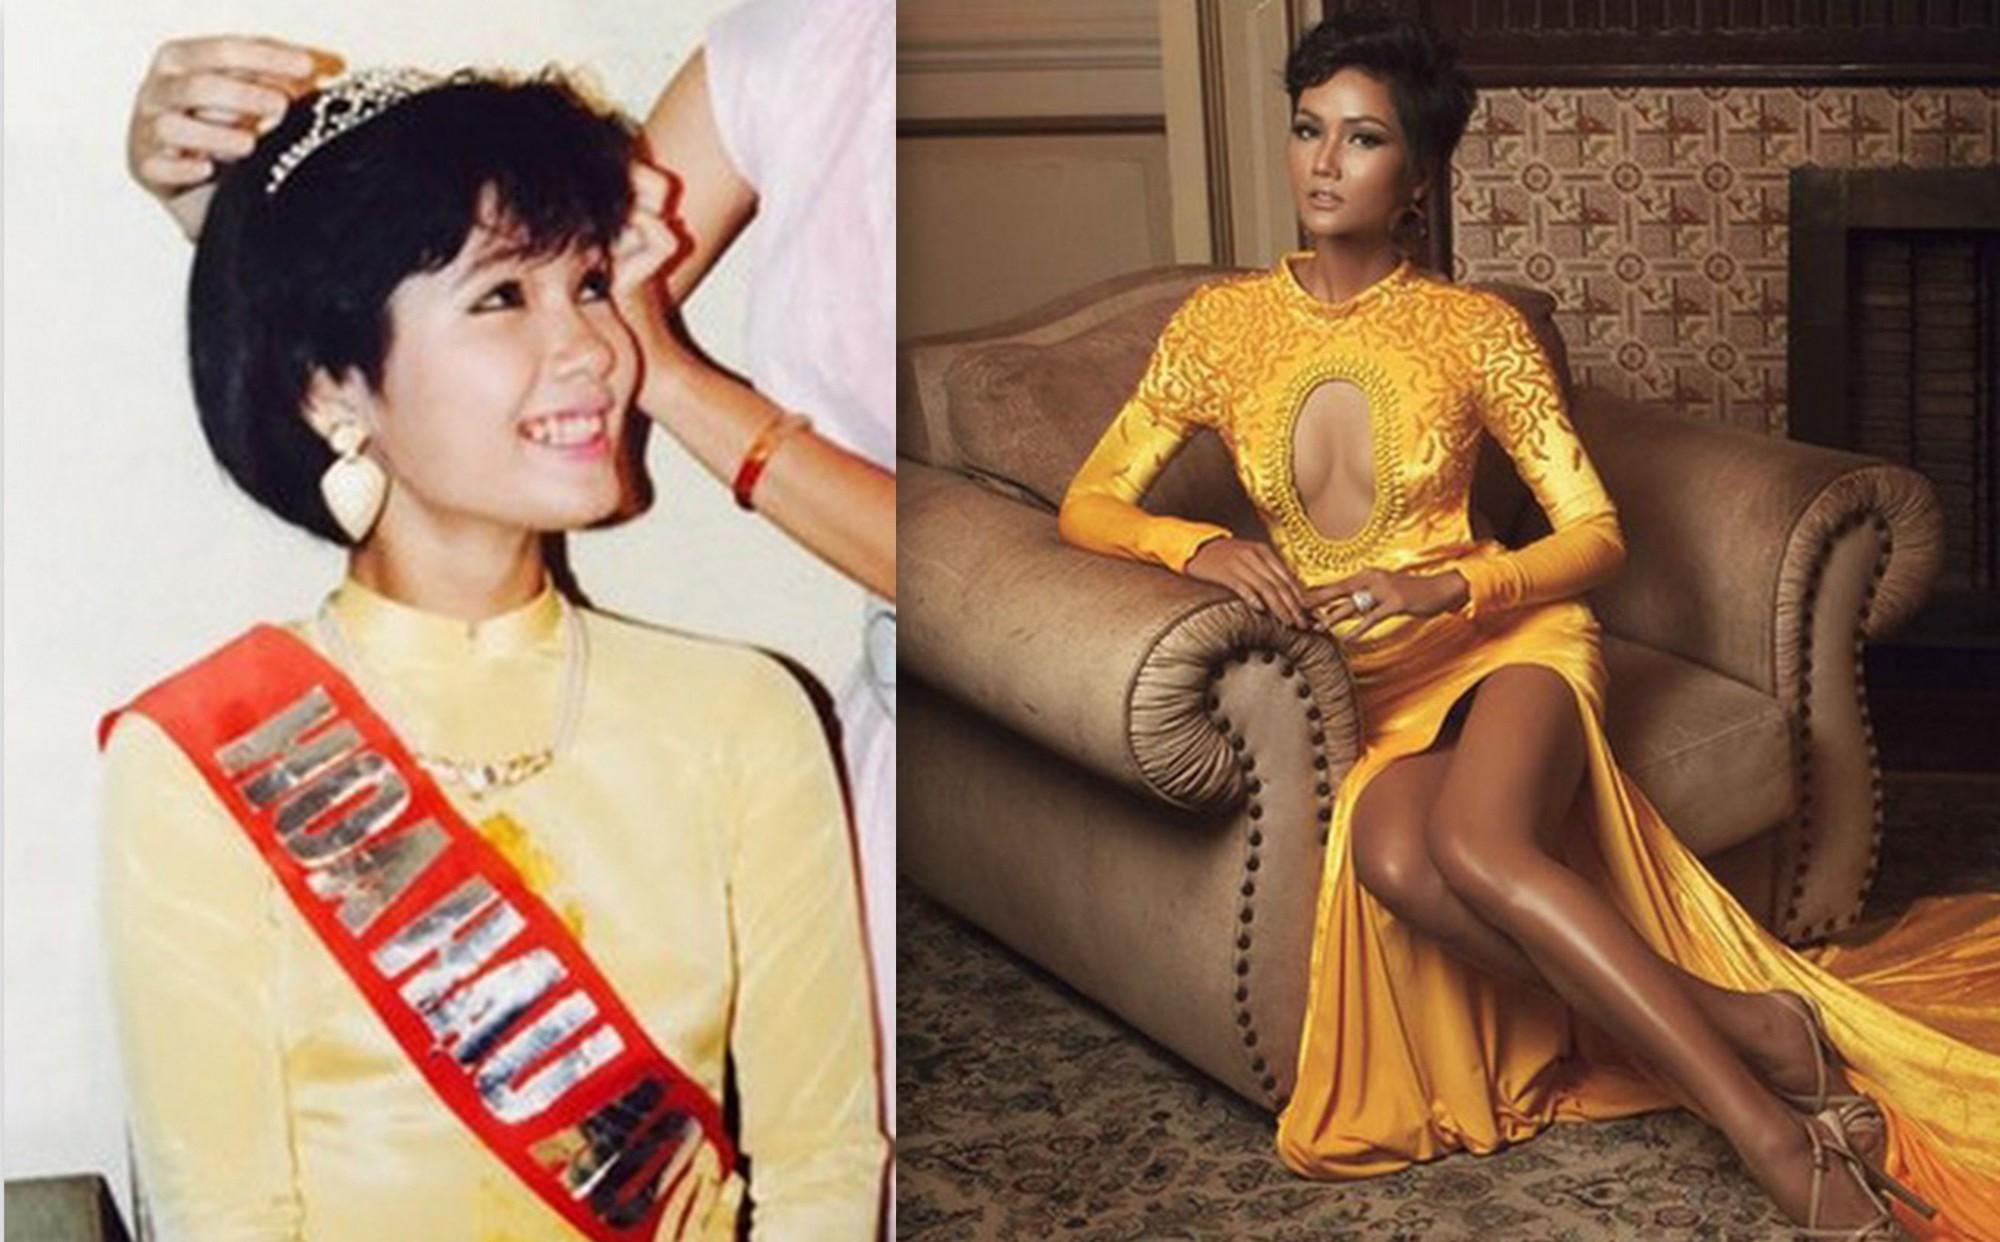 H'Hen Niê không đáng bị chê bai nhan sắc, 29 năm trước cũng có người đẹp Việt tóc tém là hoa hậu